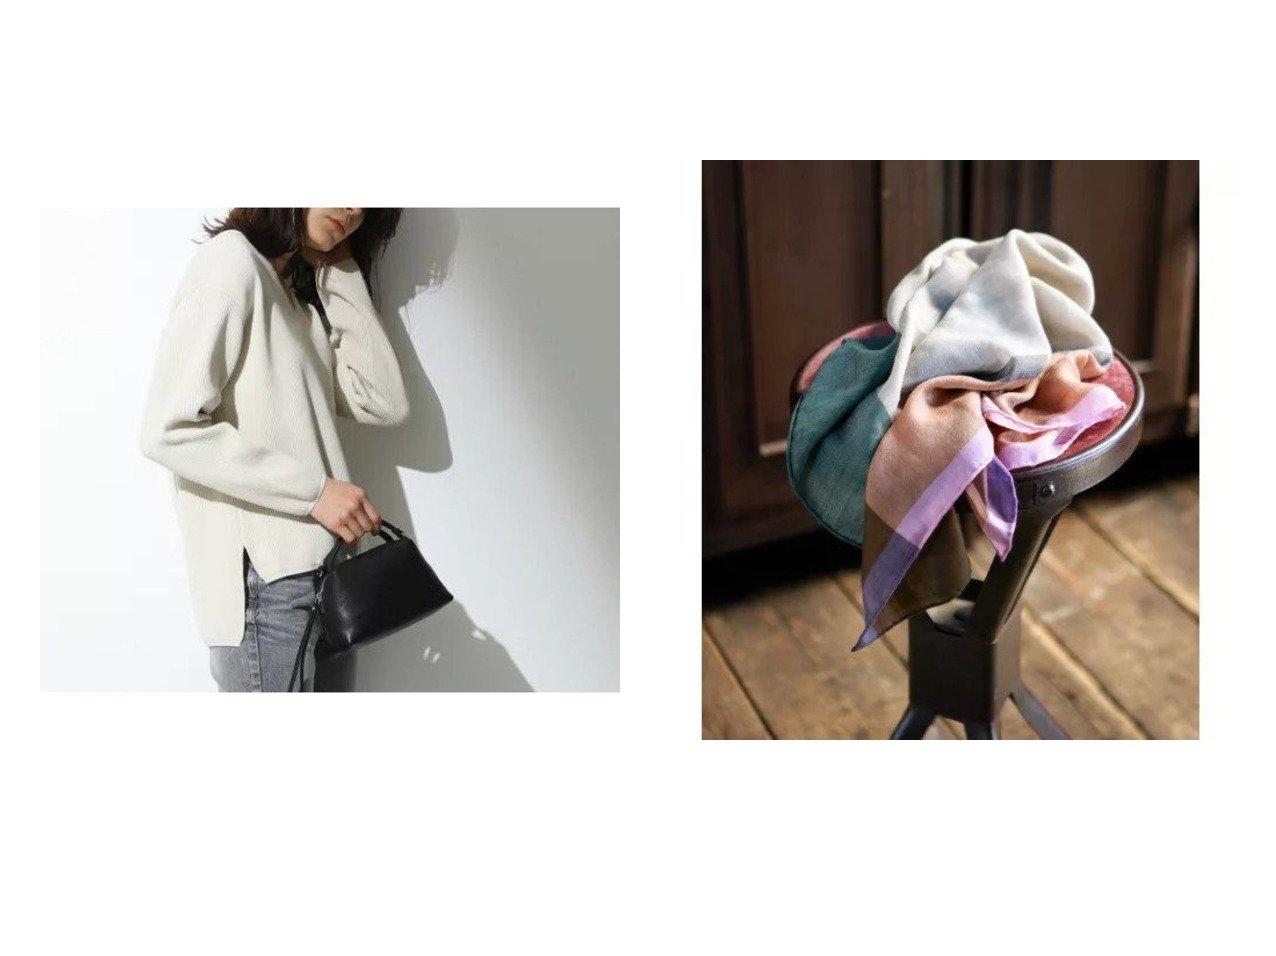 【Demi-Luxe BEAMS/デミルクス ビームス】の2WAY ショルダーバッグ S&【TRUE NAVY/トゥルー ネイビー】のBEGG&カシミヤストール おすすめ!人気トレンド・レディースファッションの通販 おすすめで人気のファッション通販商品 インテリア・家具・キッズファッション・メンズファッション・レディースファッション・服の通販 founy(ファニー) https://founy.com/ ファッション Fashion レディース WOMEN ストール Scarves マフラー Mufflers トレンド 人気 アンゴラ 秋 カシミア カシミヤ シルク スカーフ ストール なめらか バランス マフラー モダン ロング A/W 秋冬 Autumn &  Winter |ID:crp329100000007232